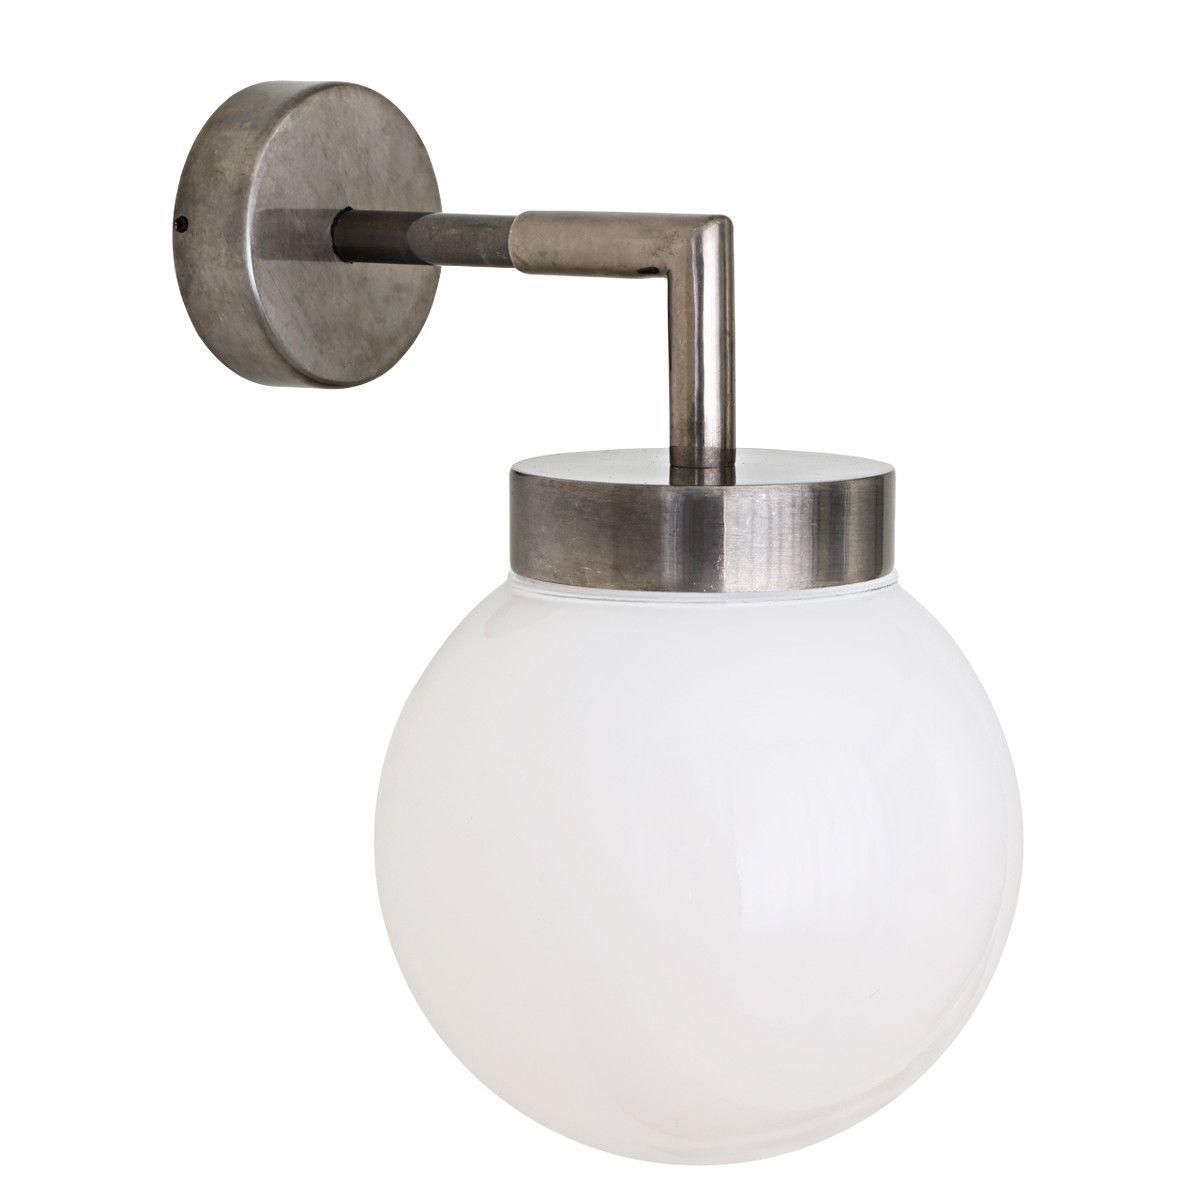 Kleine Kugel Wandlampe Dank Ip65 Auch Furs Bad O 15 Cm Von Aire